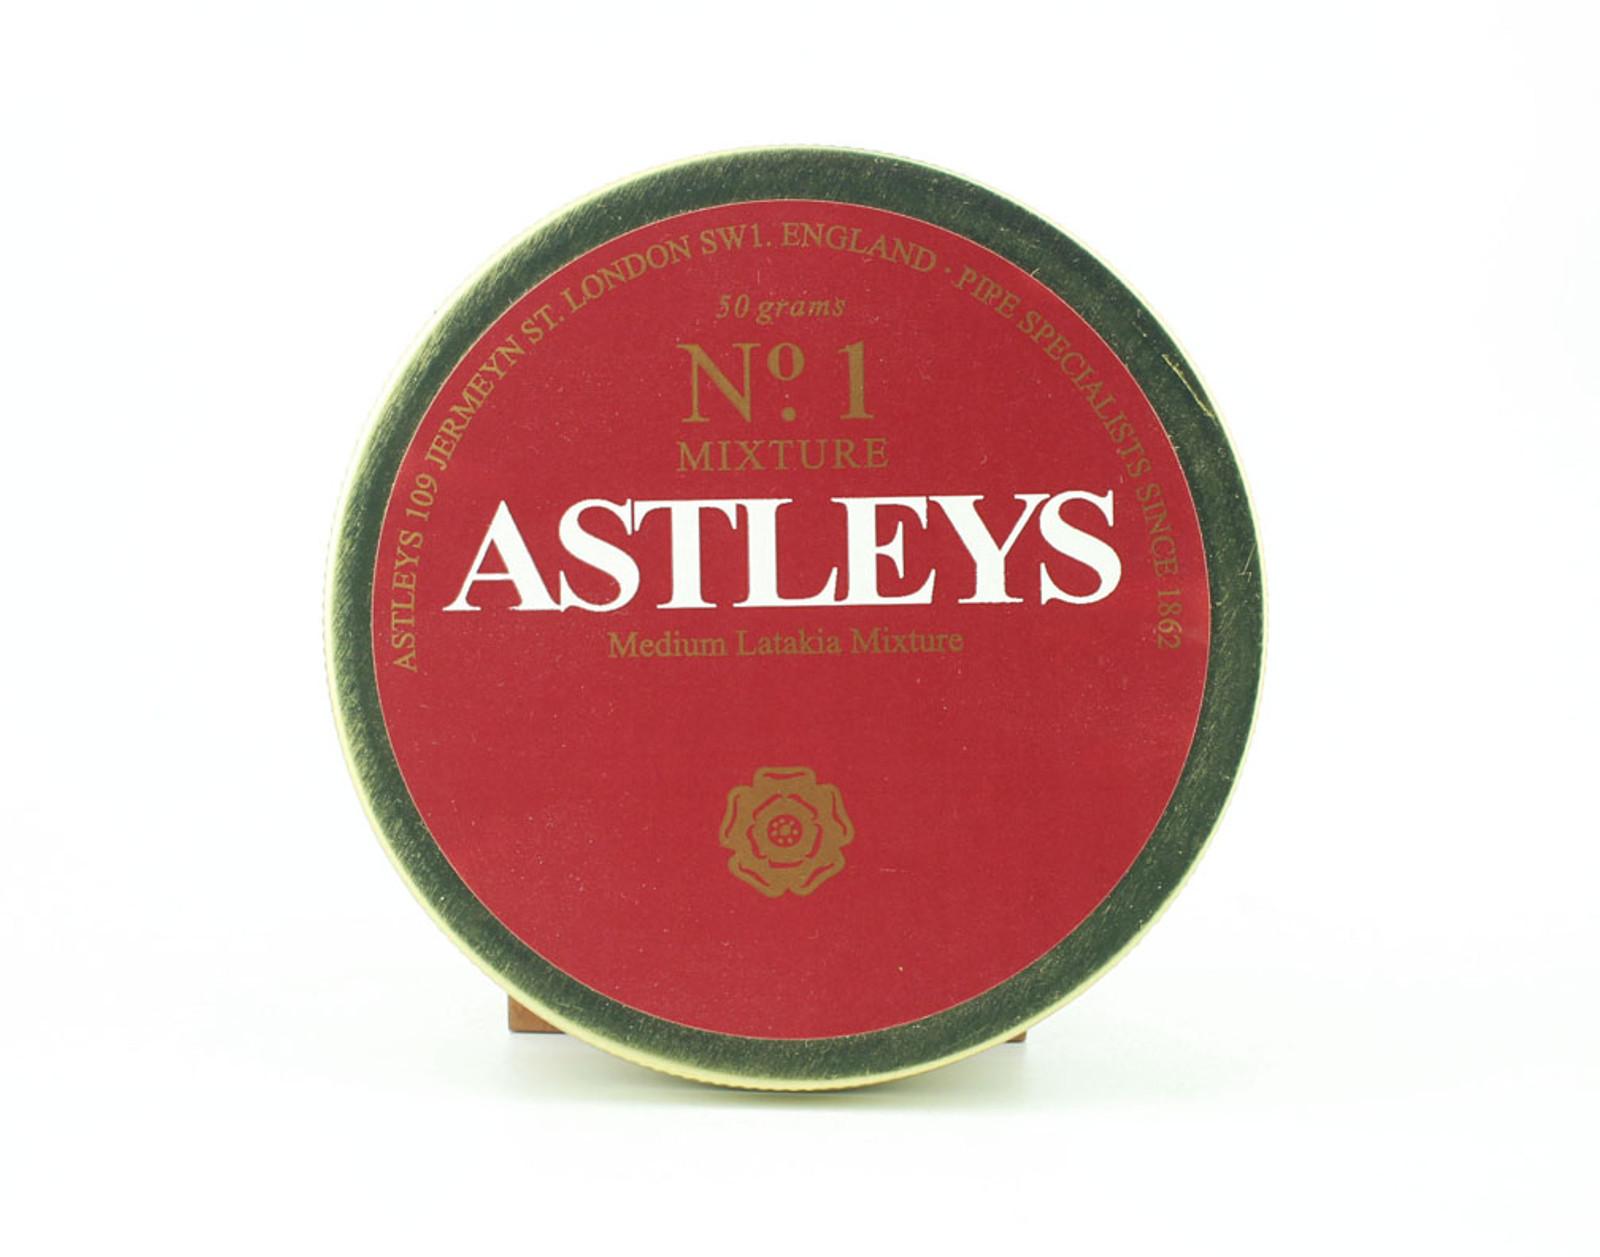 Astleys No. 1 Mixture (50g tin)